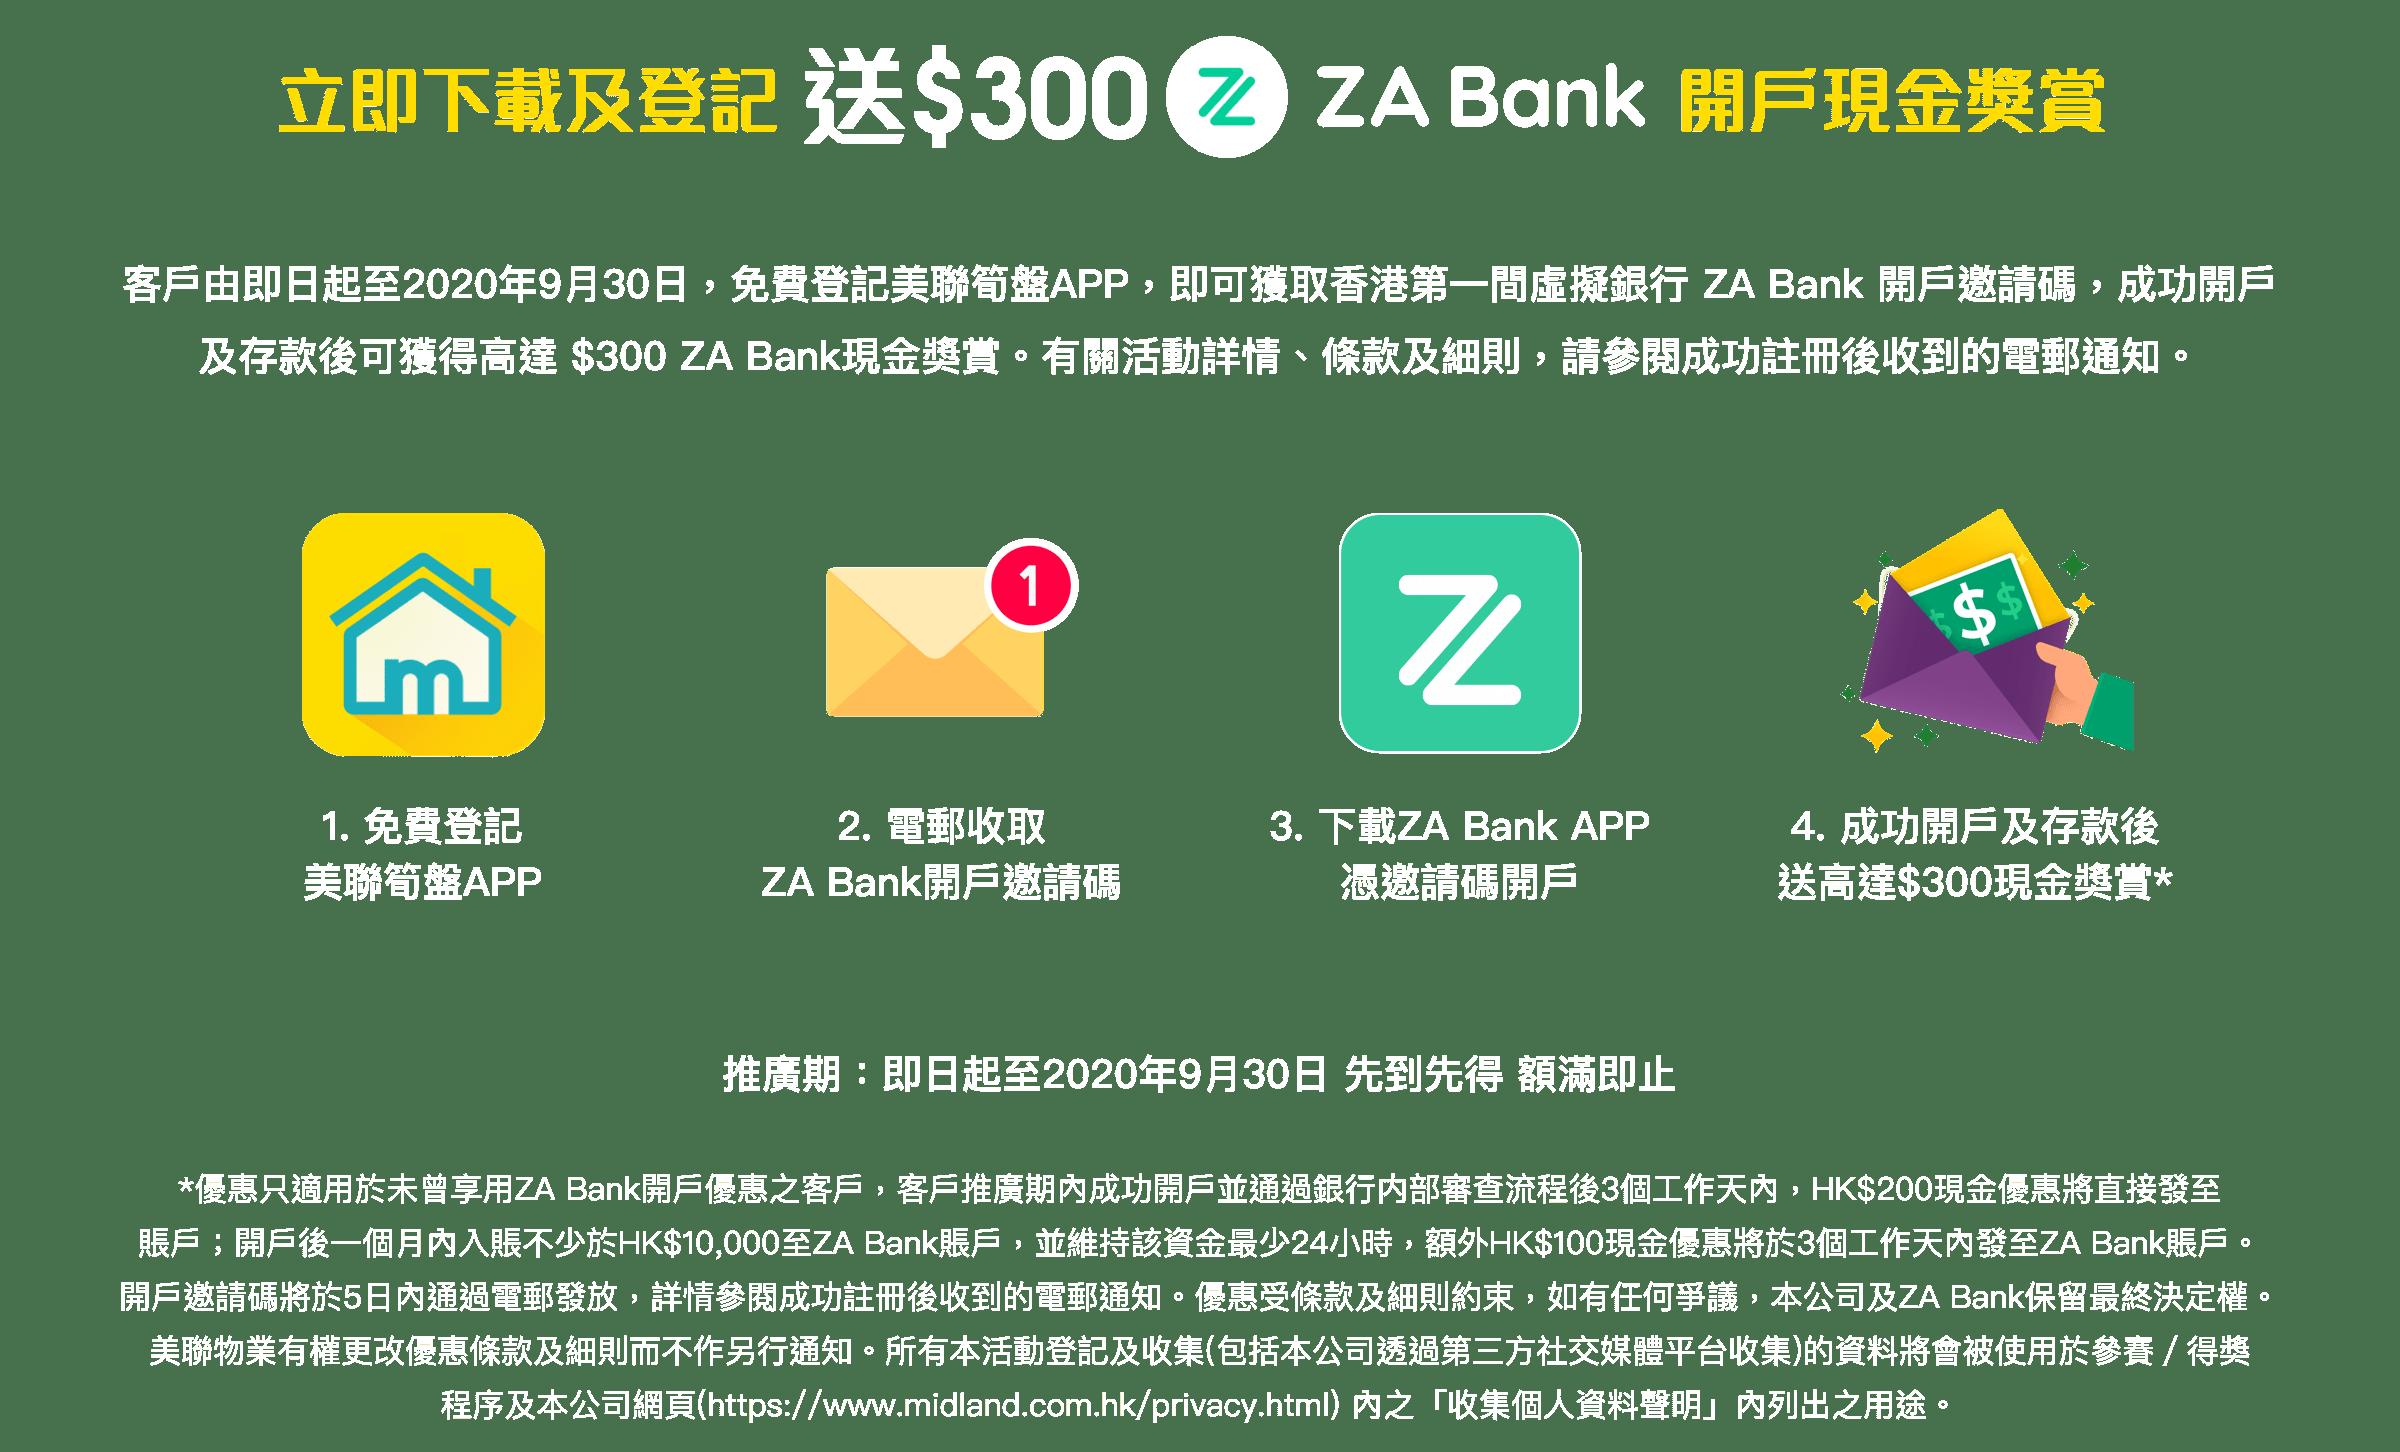 ZA Bank Details